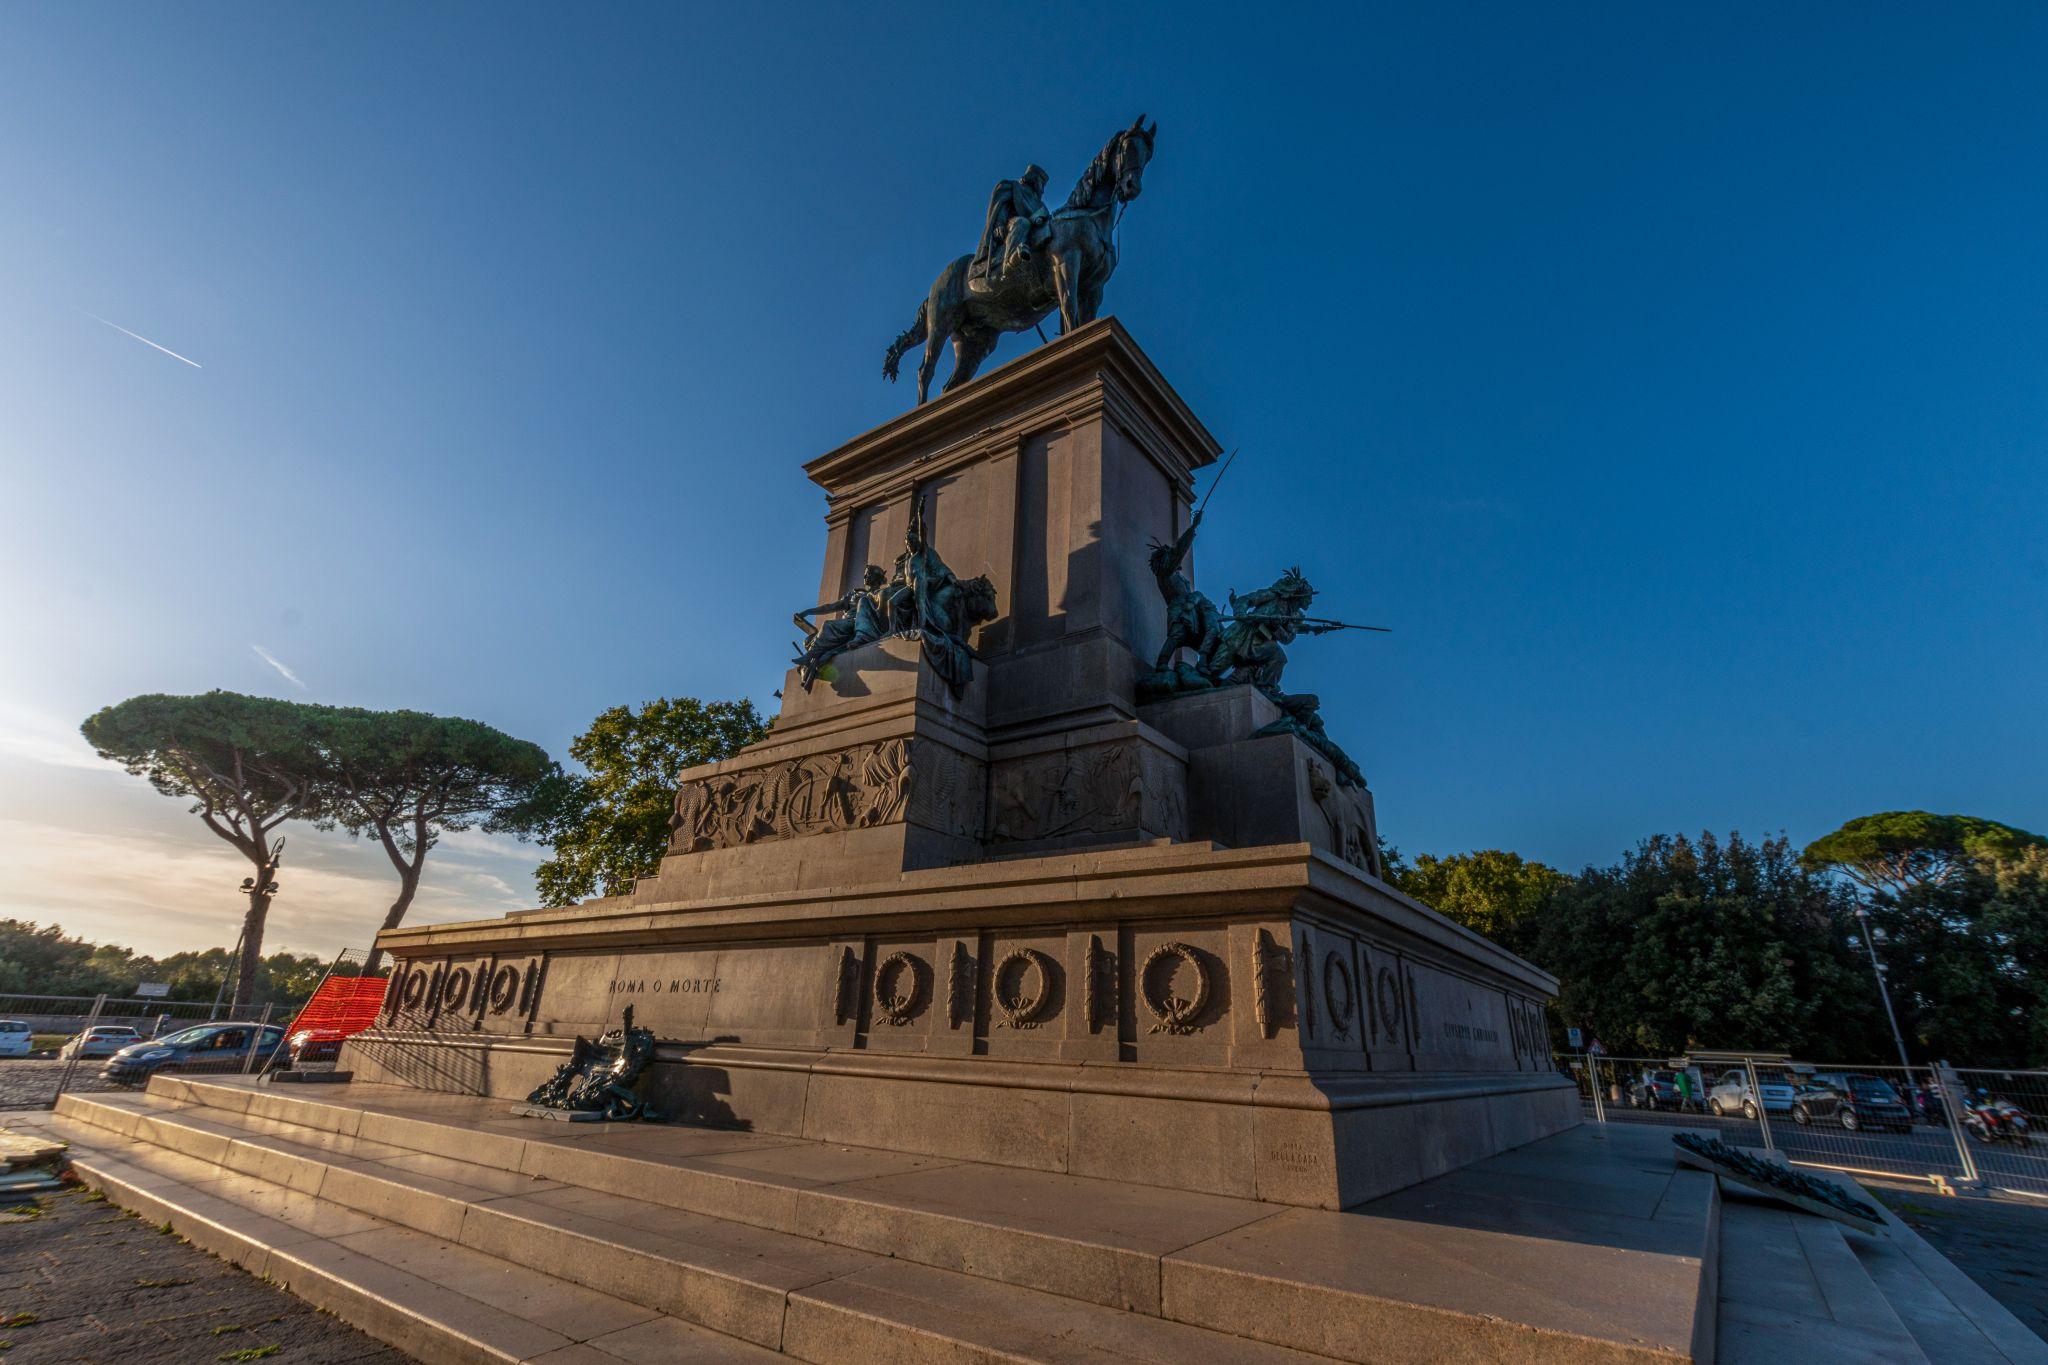 Terazza Piazza Garibaldi, Italy